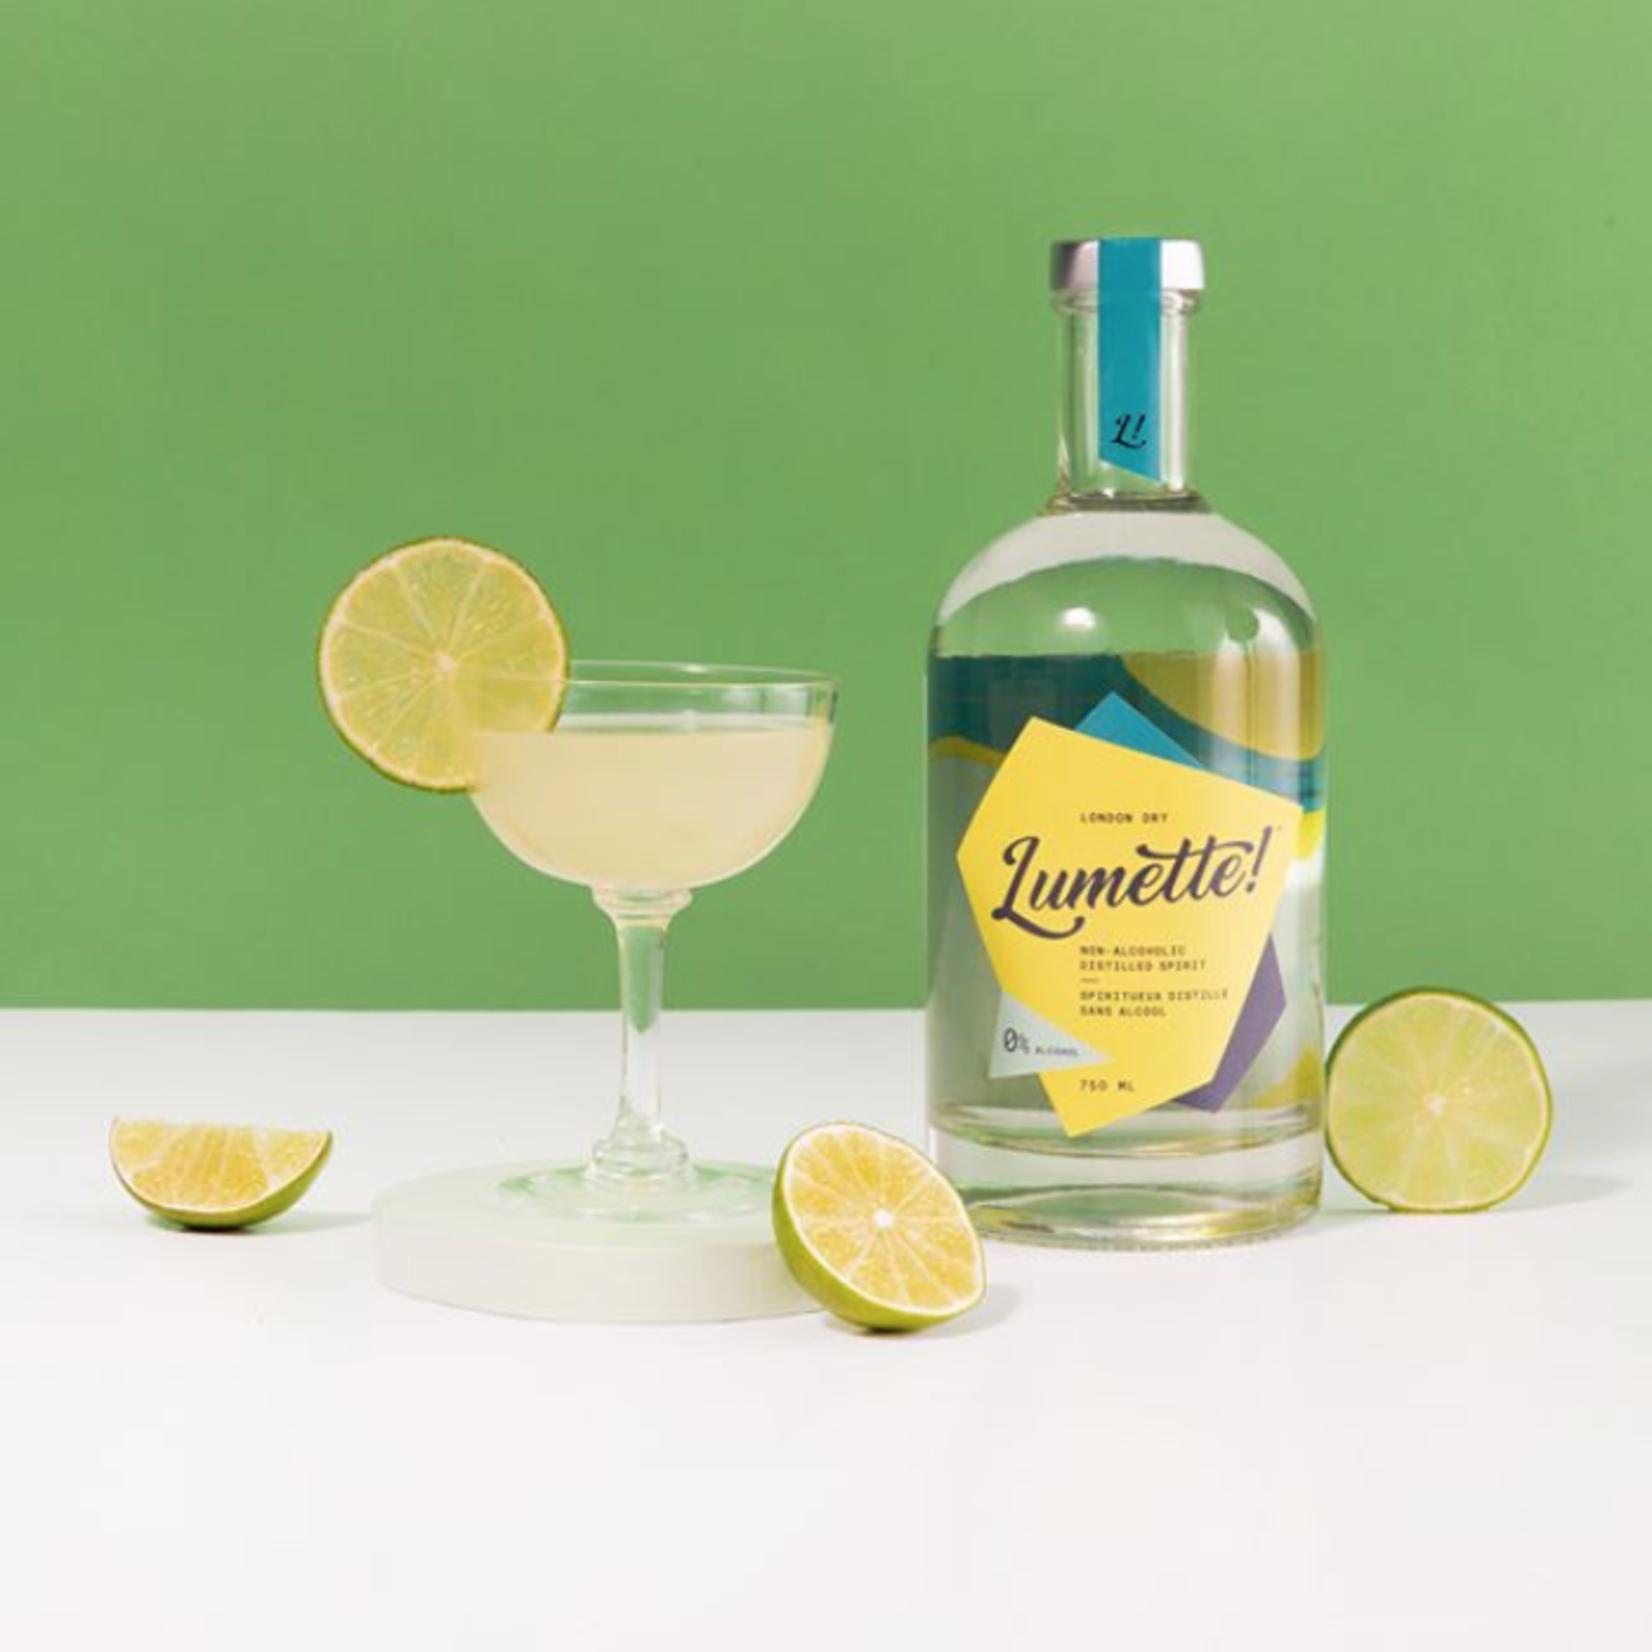 Lumette Lumette! London Dry 375ml